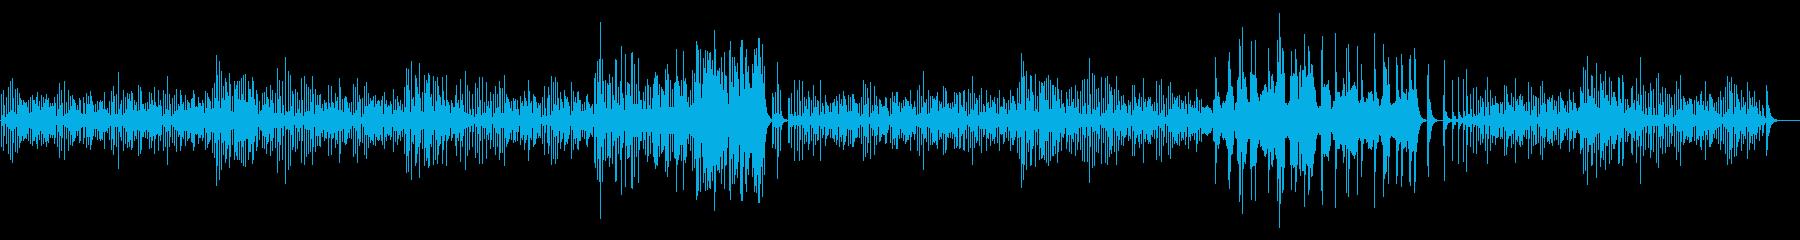 エリーゼのために マリンバ連弾 ホールの再生済みの波形